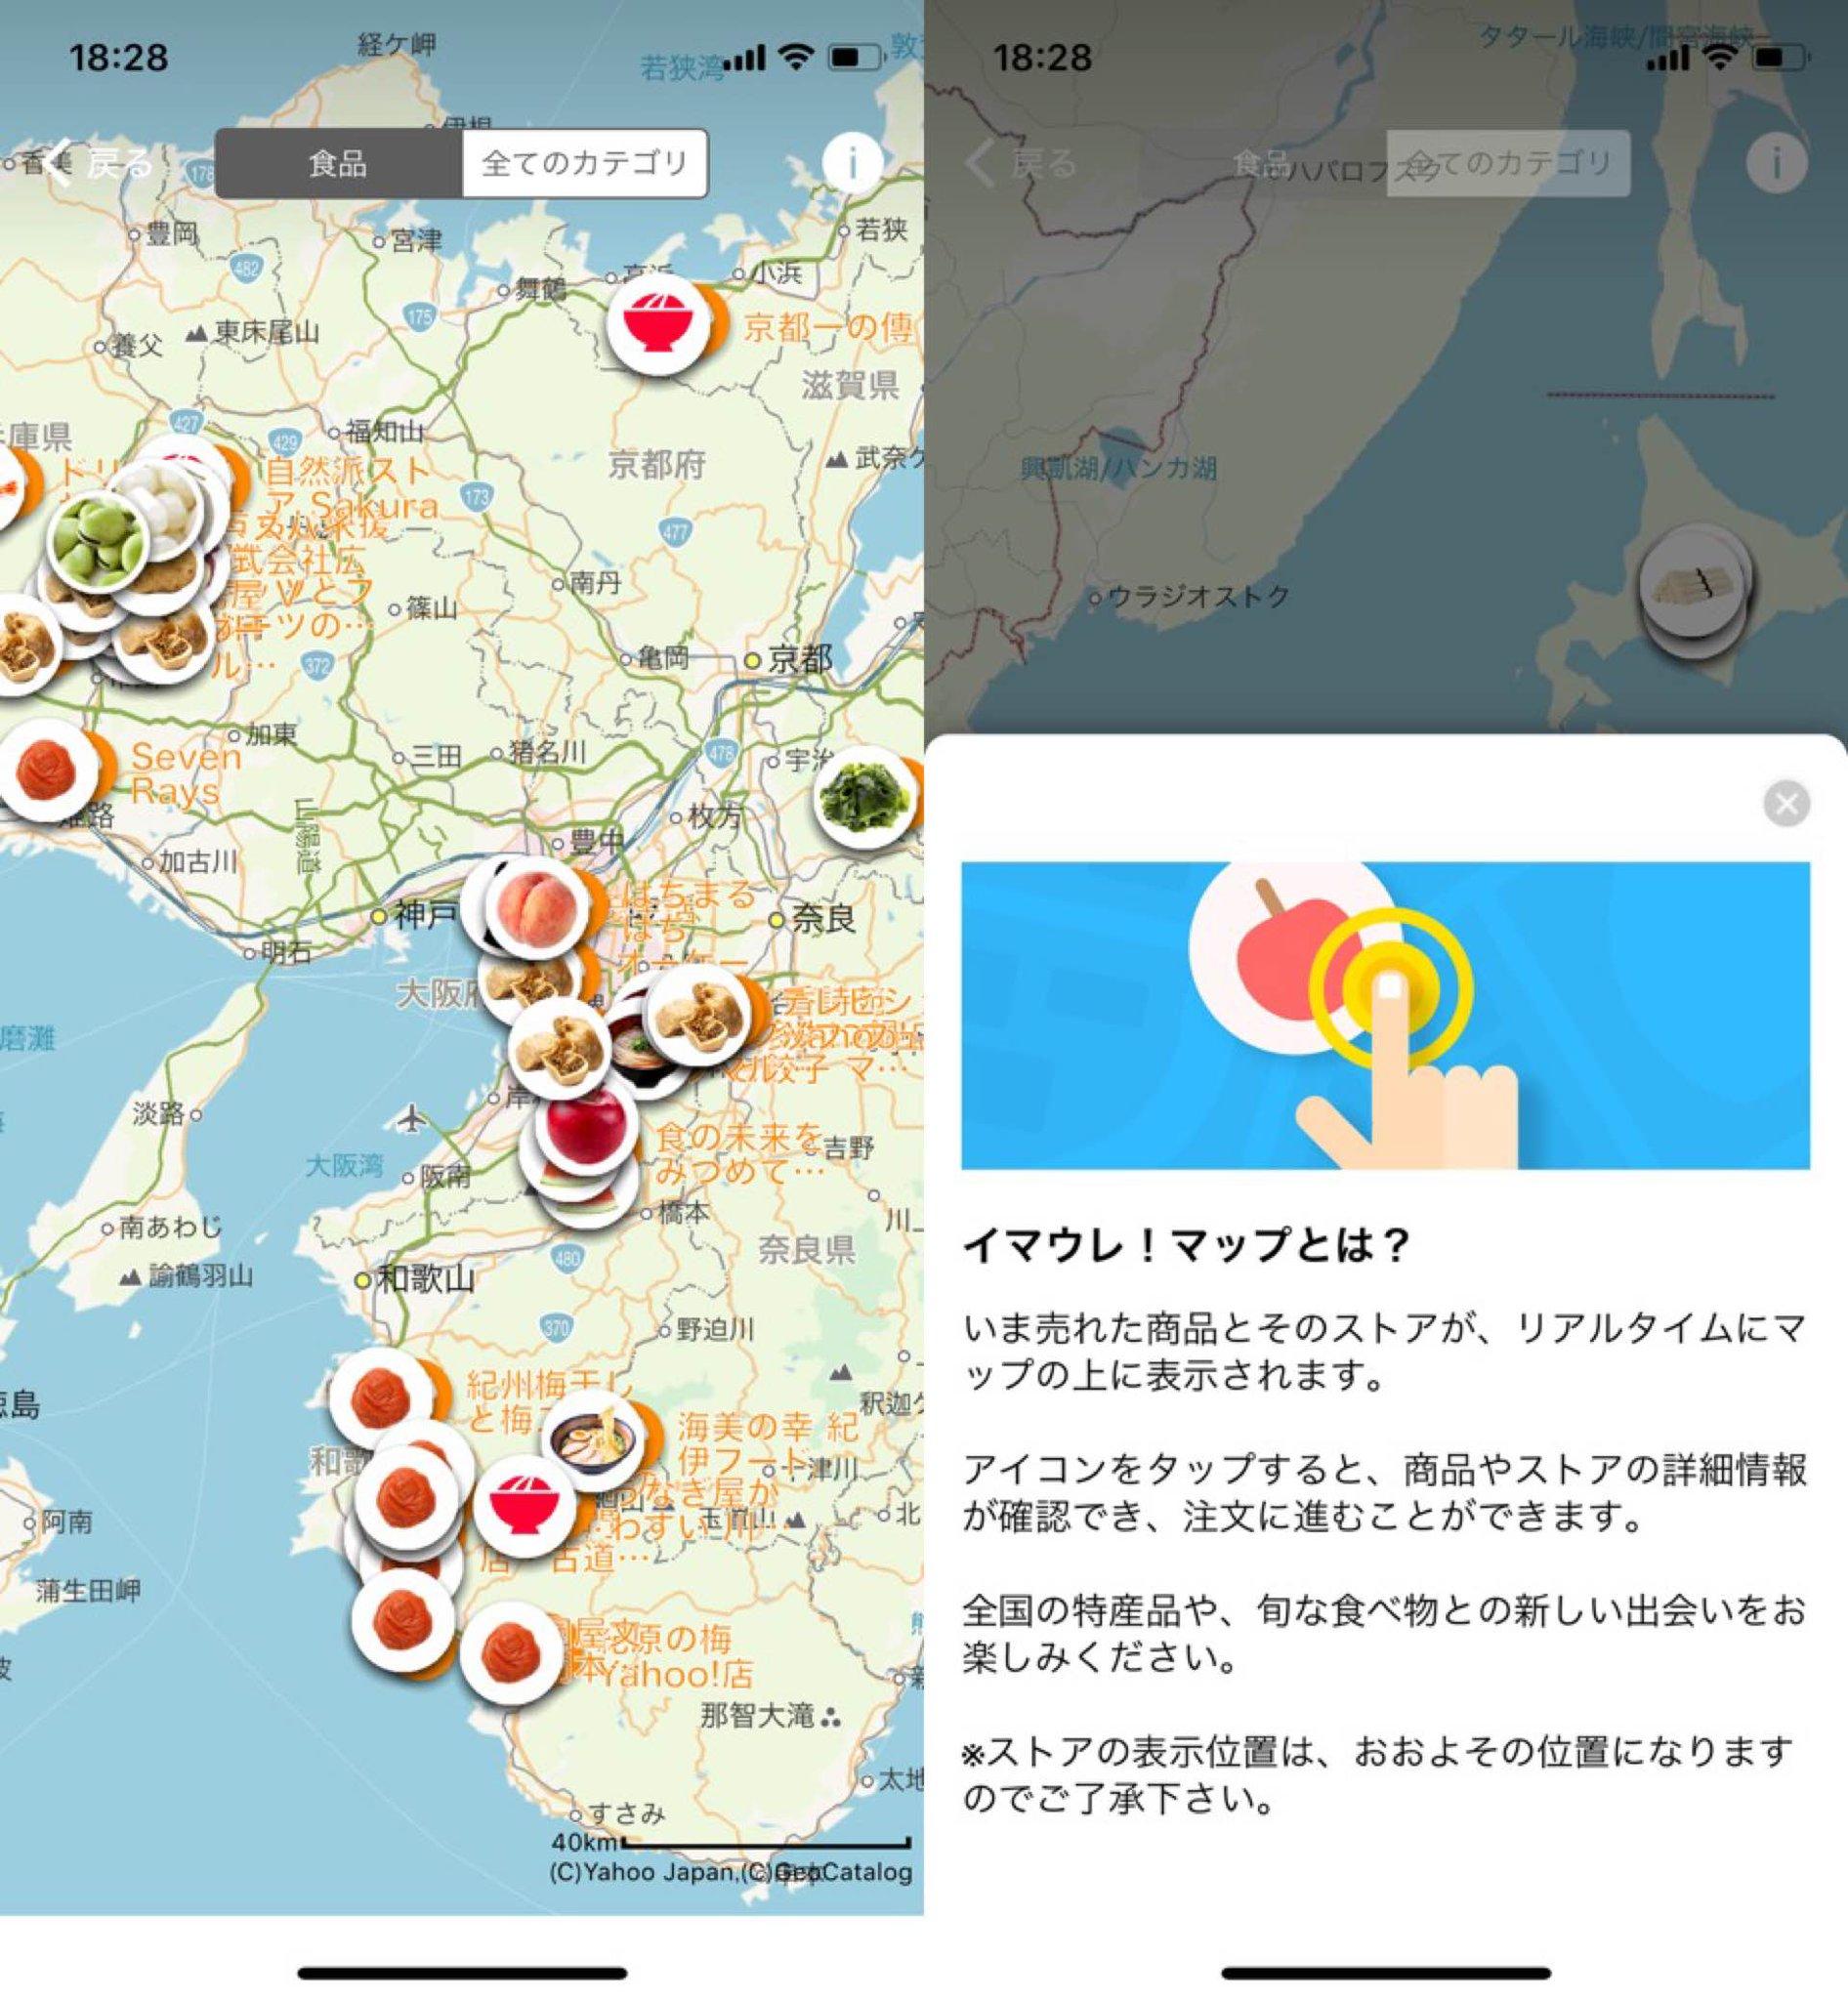 Yahoo!ショッピングのイマウレ!マップ。いま売れた商品とストアが地図上に表示される。和歌山、梅干し売れてるなー(゚∀゚) https://t.co/nCwMwwtEEM